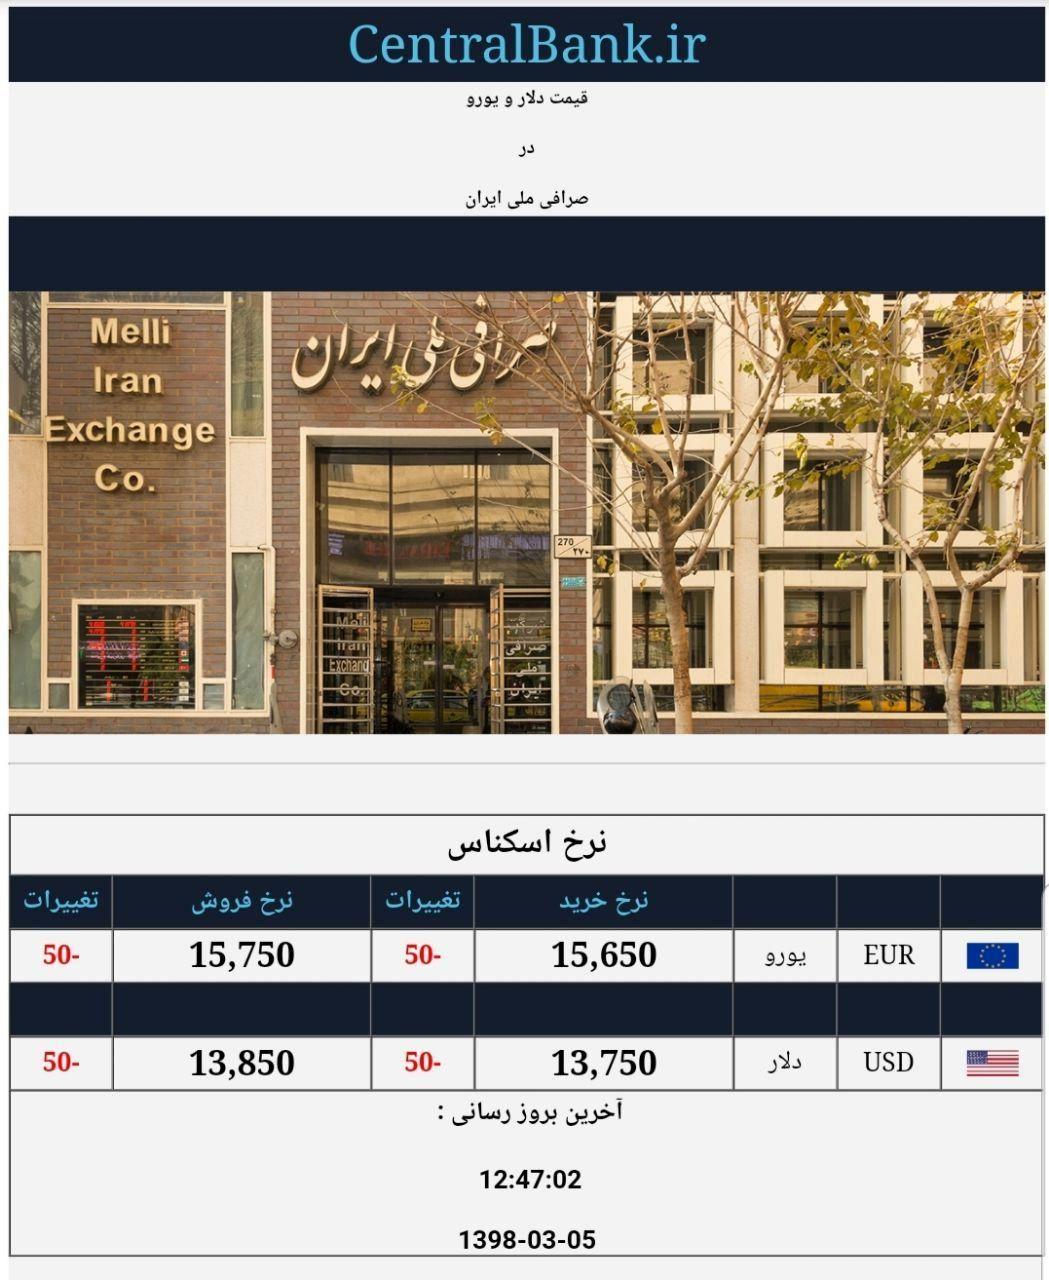 قیمت دلار و یورو در صرافی ملی امروز ۱۳۹۸/۰۳/۰۵